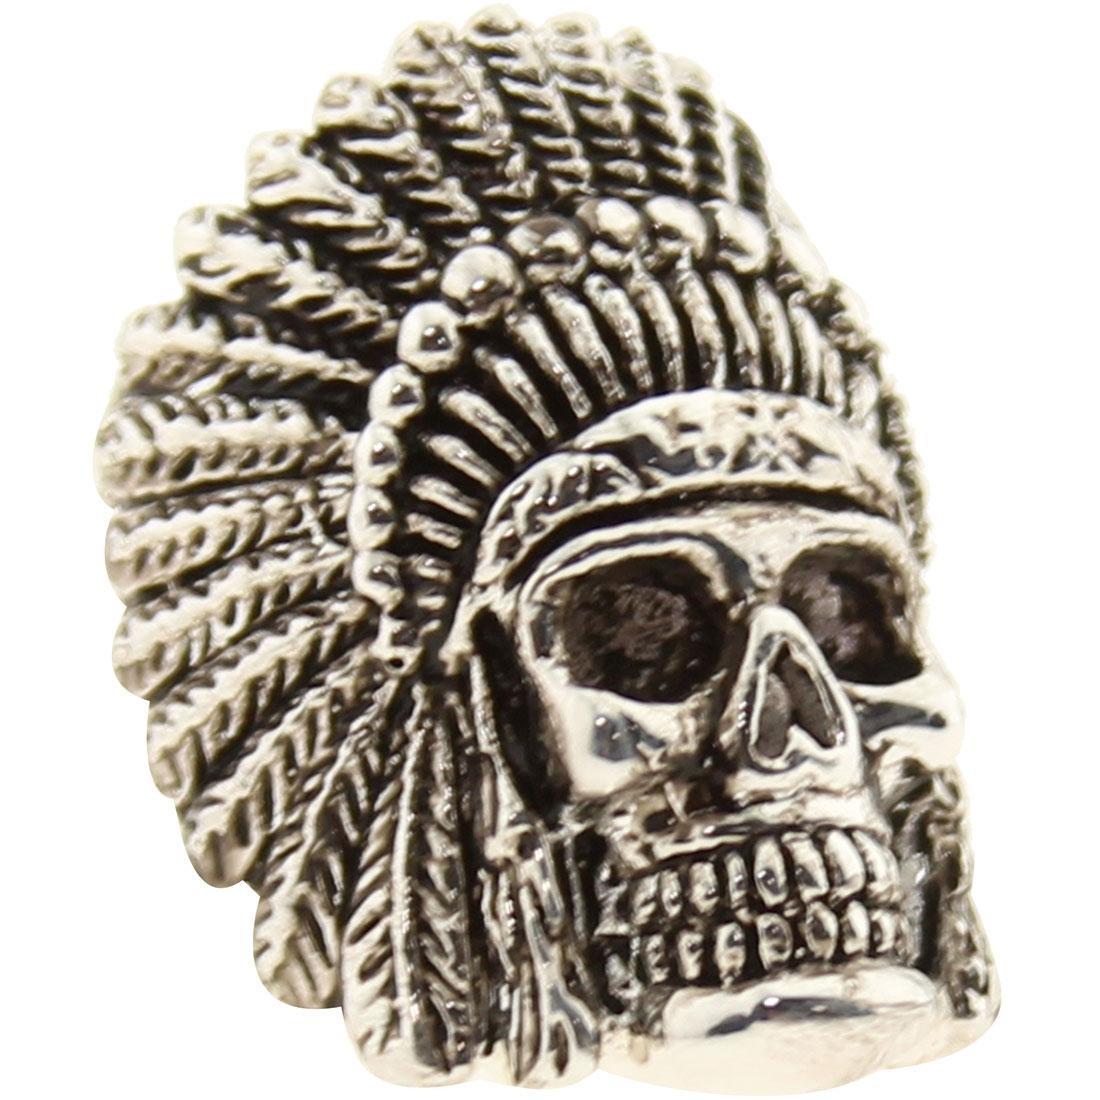 【スーパーセール中! 6/11深夜2時迄】チーフ 銀色 スチール メンズファッション トップス Tシャツ カットソー メンズ 【 Han Cholo Indian Chief Skull Ring (stainless Steel Silver) 】 Stainless Steel Silver